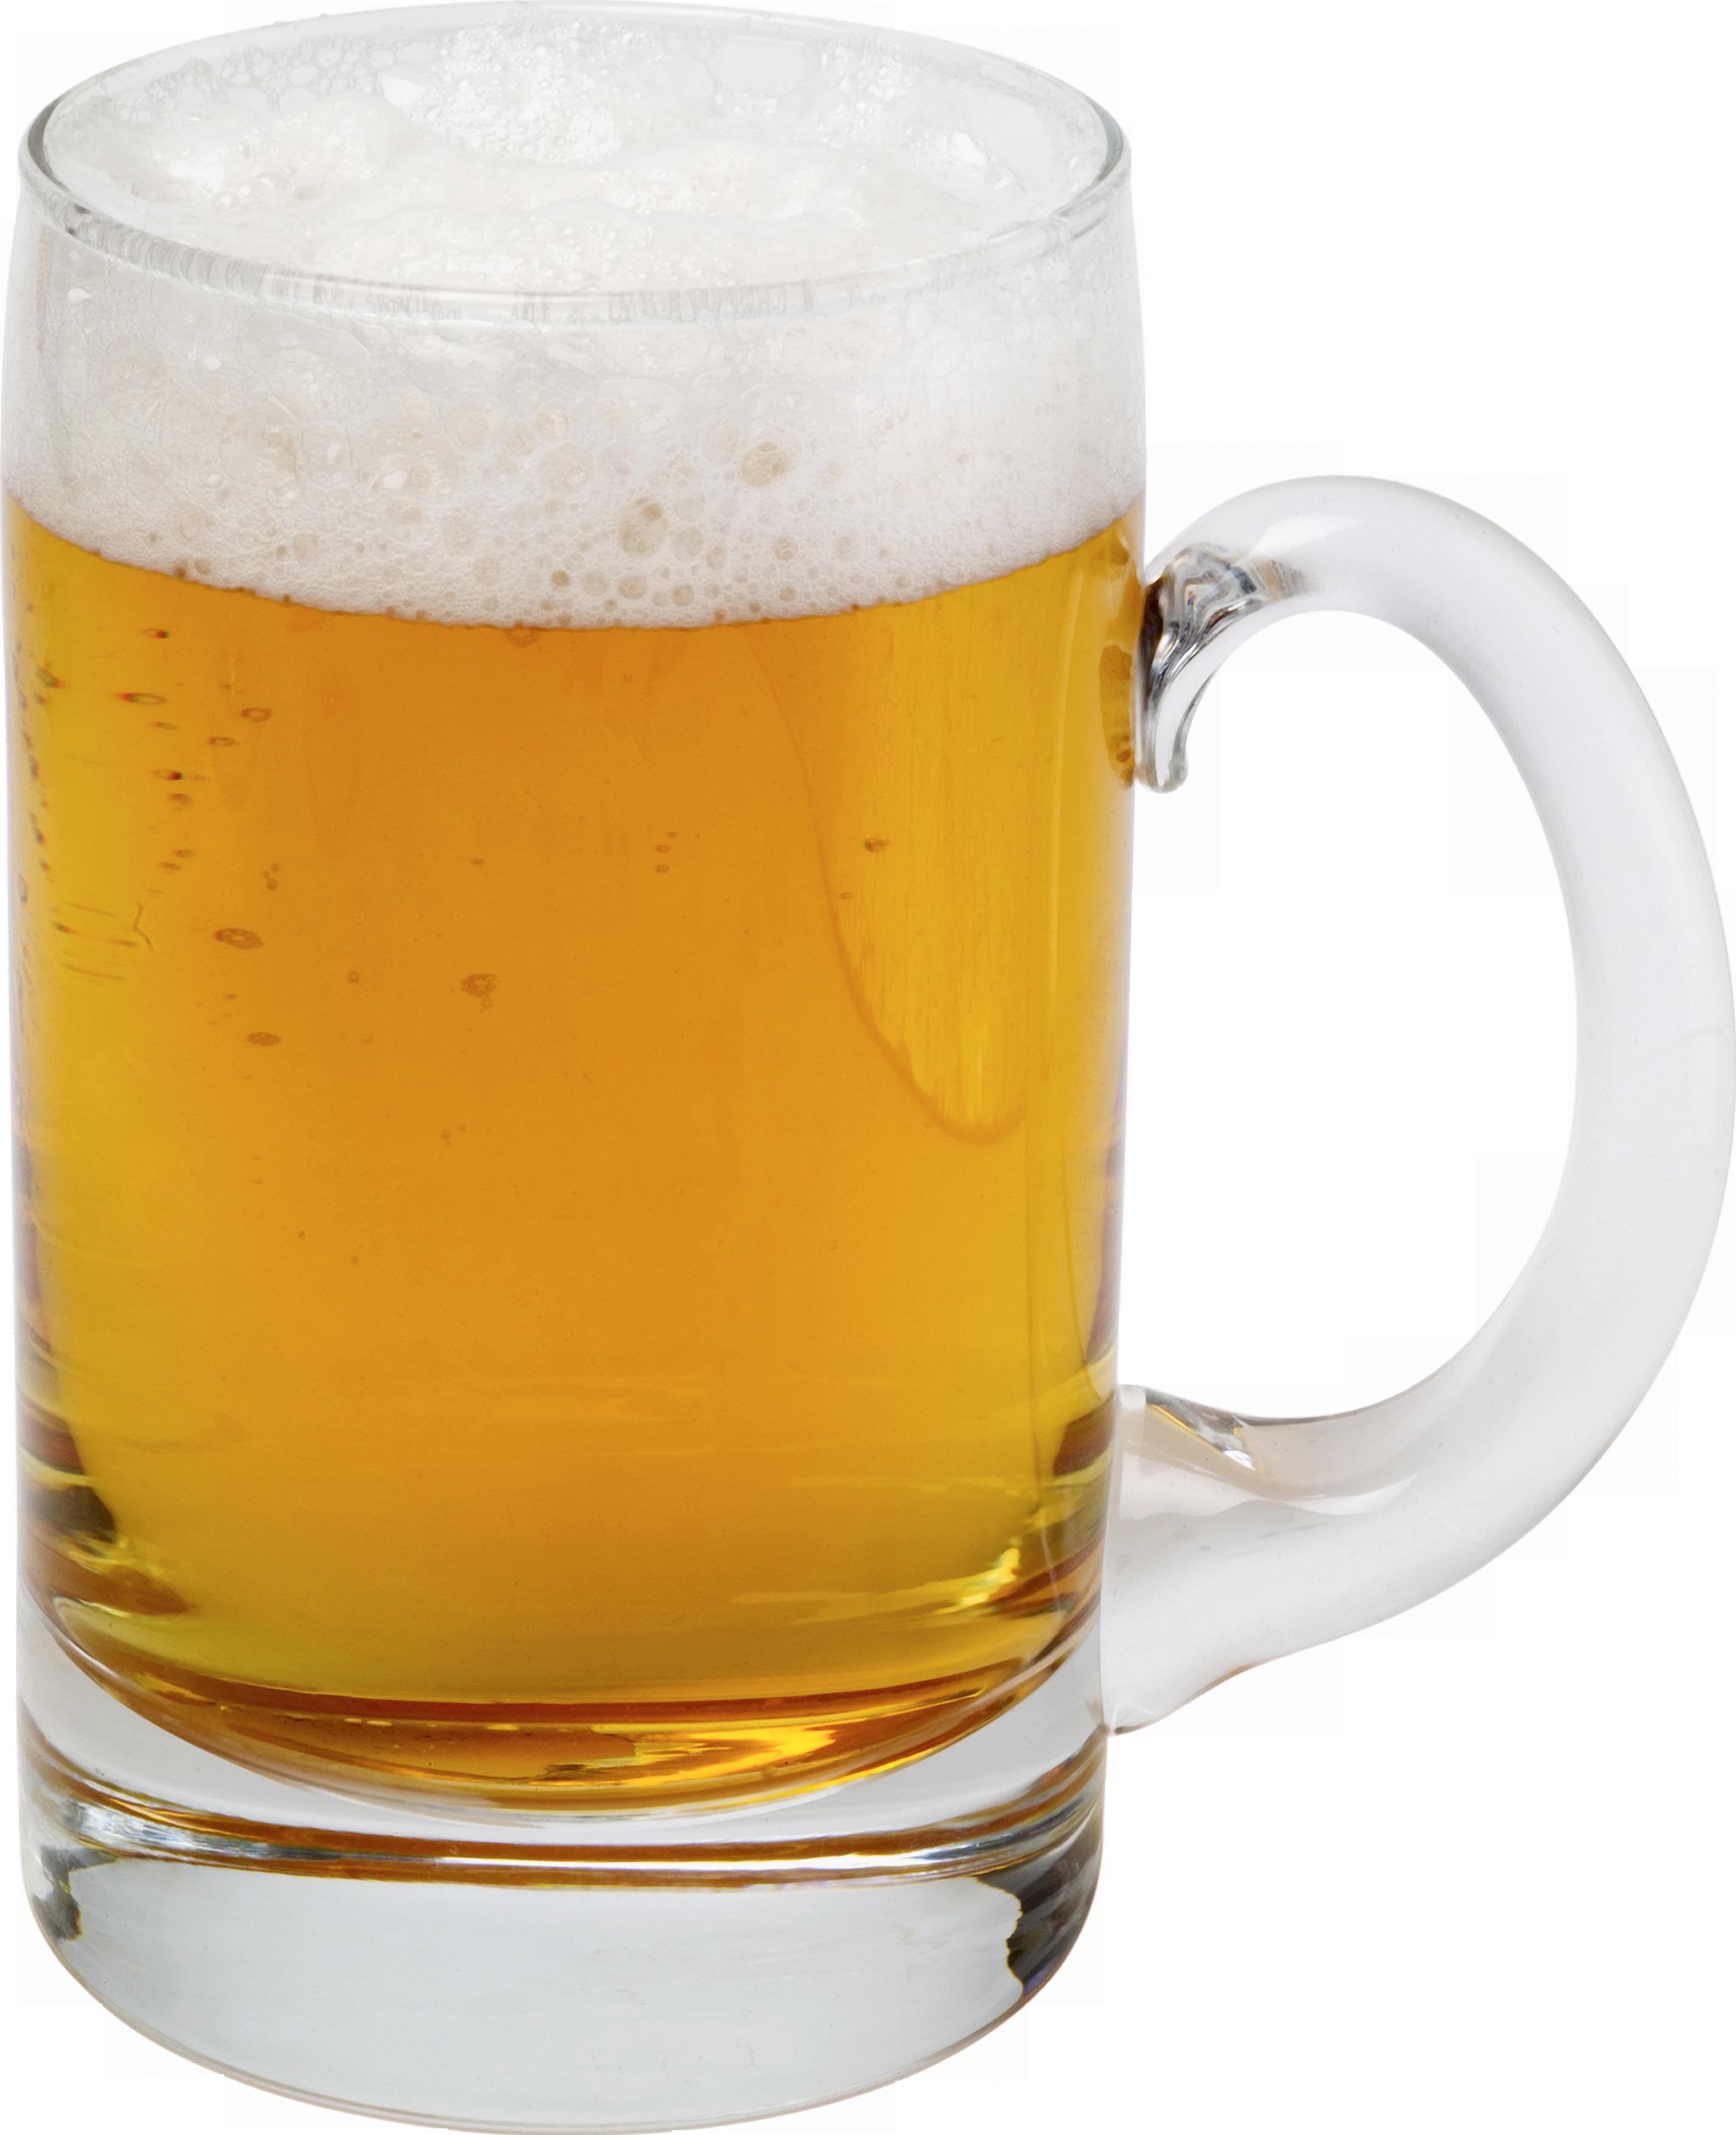 pint beer PNG image - Beer Mug PNG